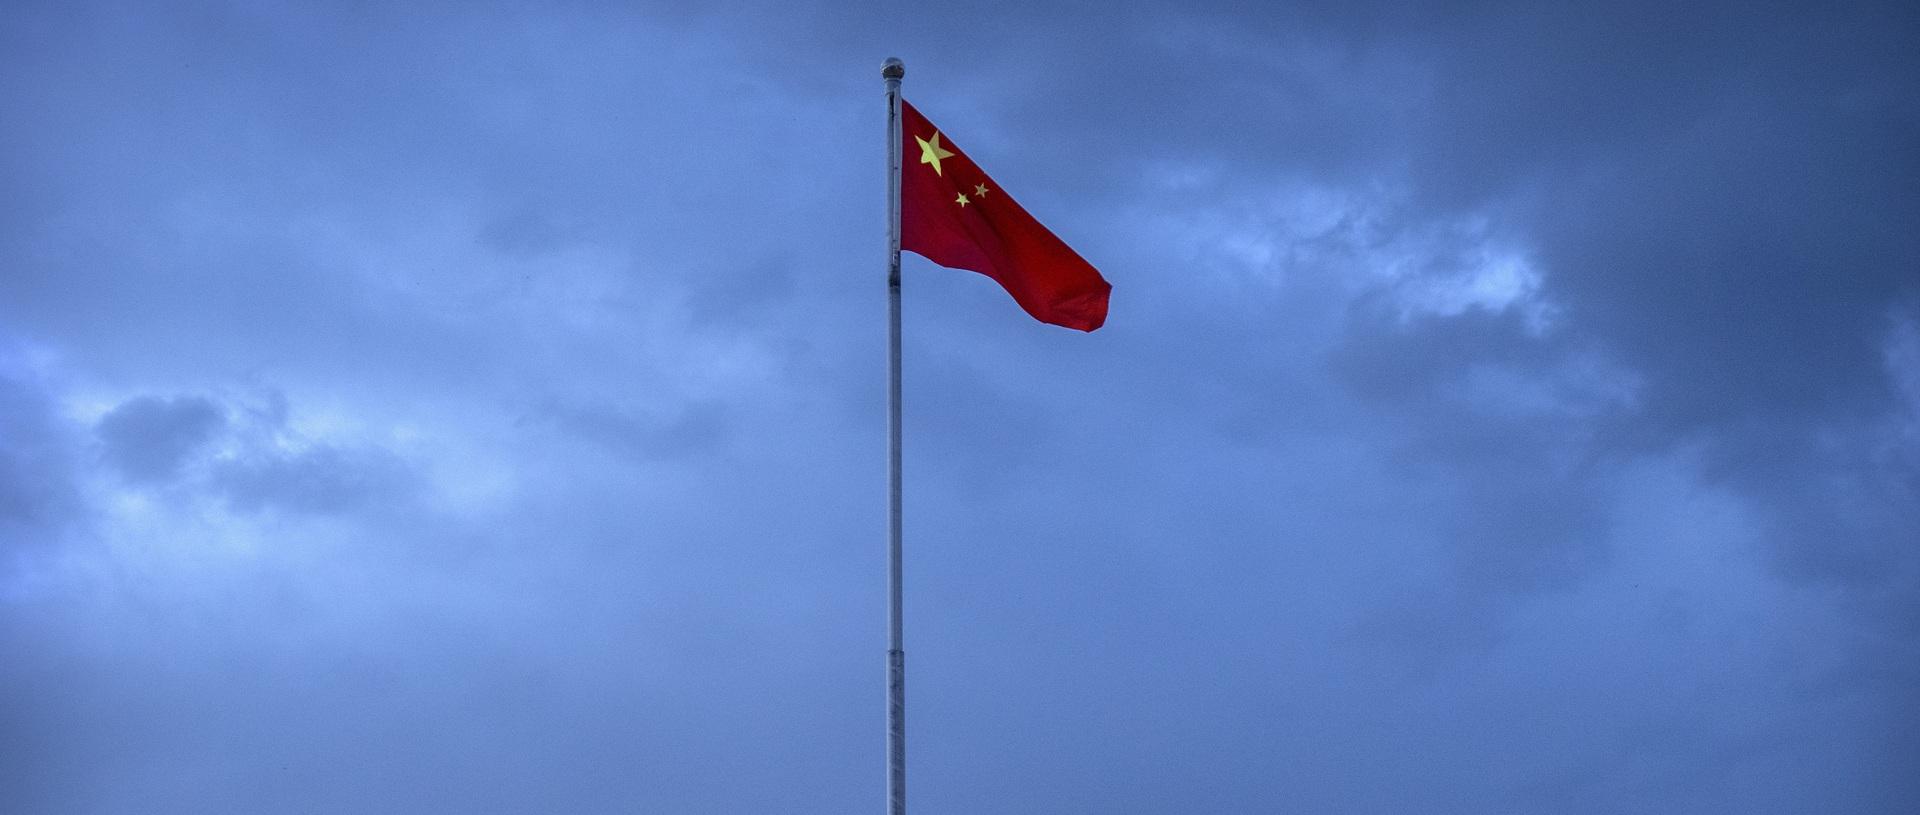 القنصلية العامة الصينية في ريو دي جانيرو تطلب من سلطات البرازيل التحقيق في هجوم استهدفها بعبوة ناسفة